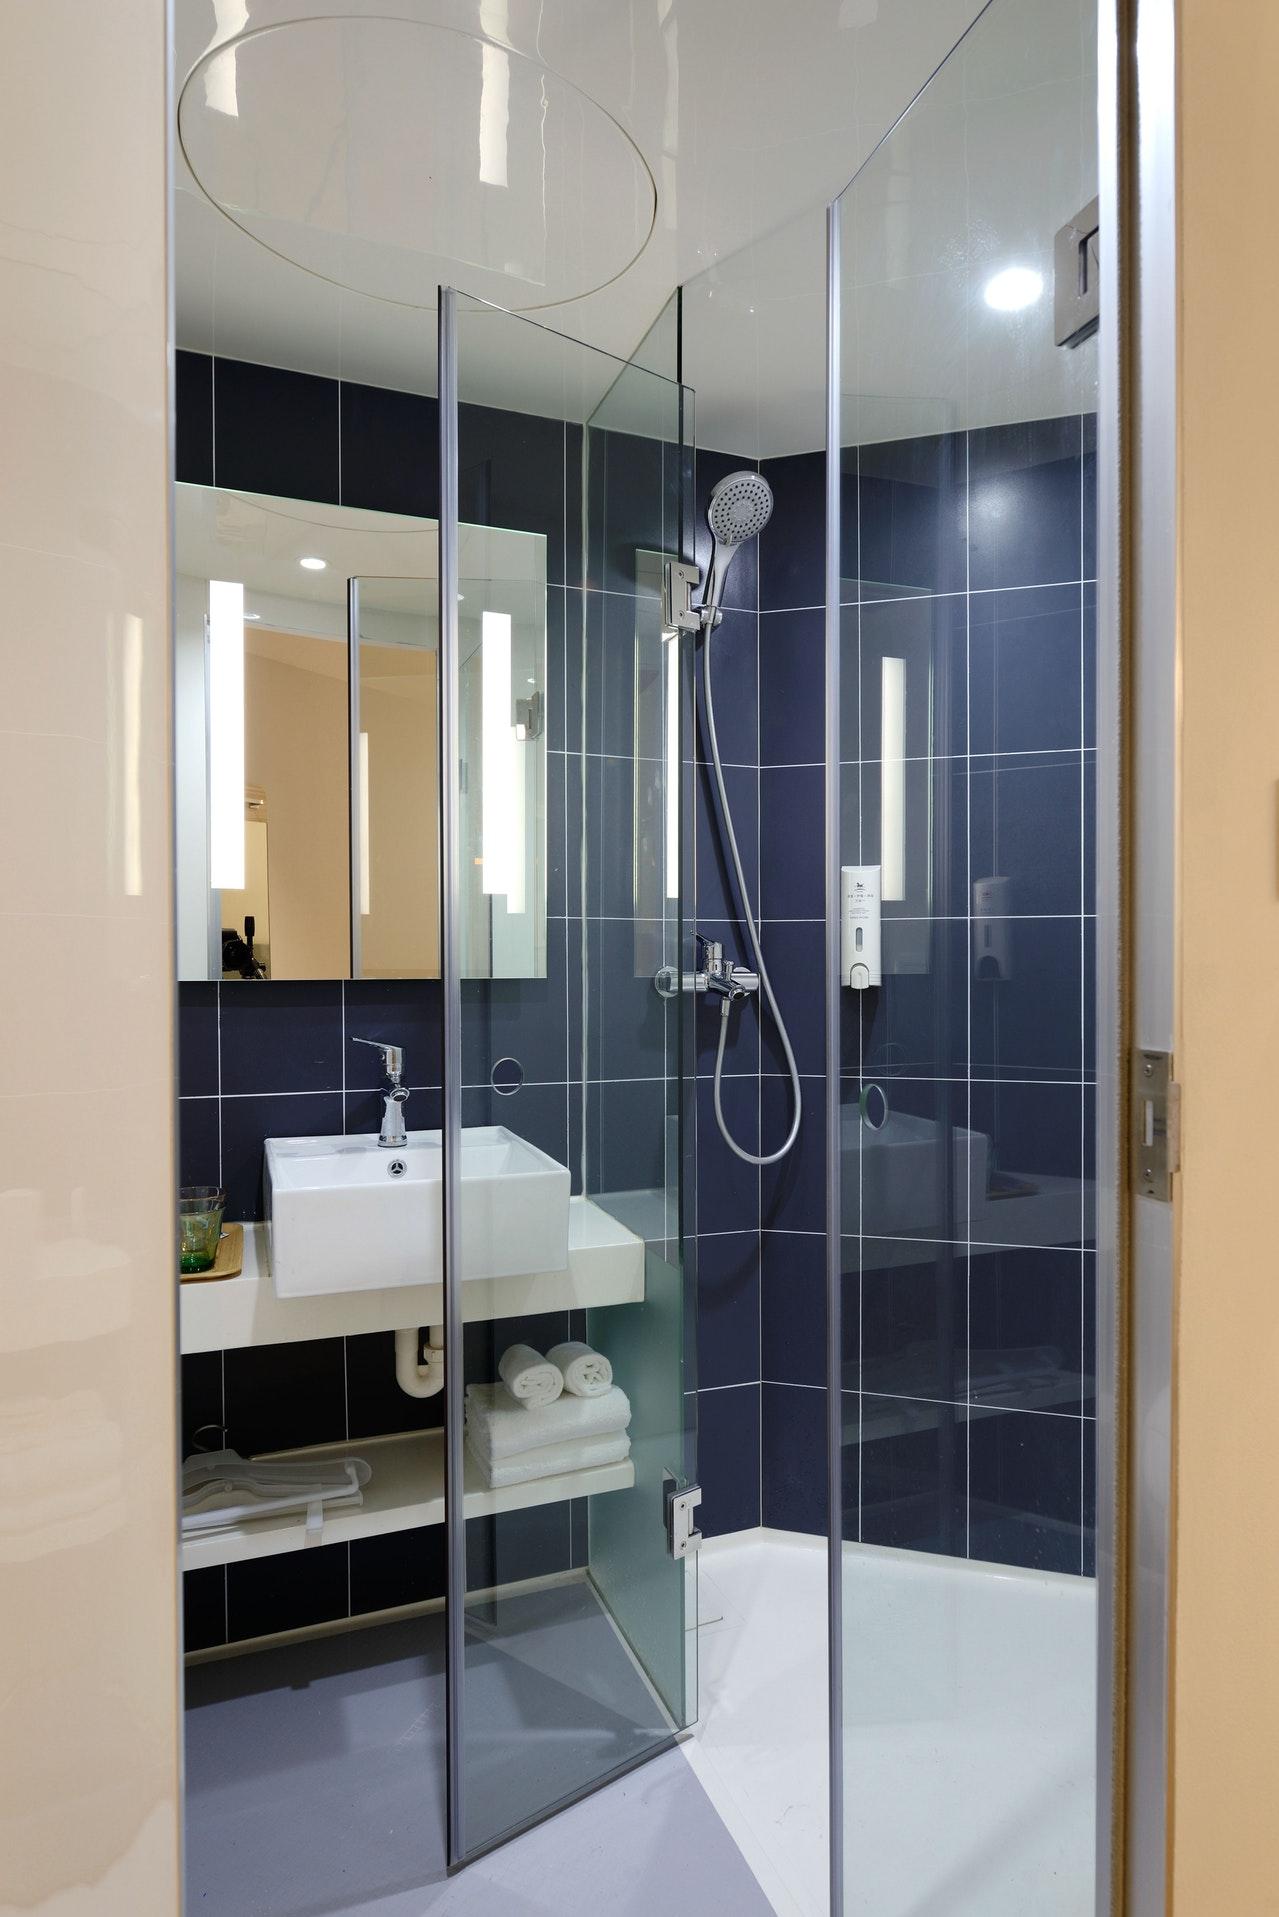 W jaki sposób skutecznie czyścić kabiny prysznicowe?